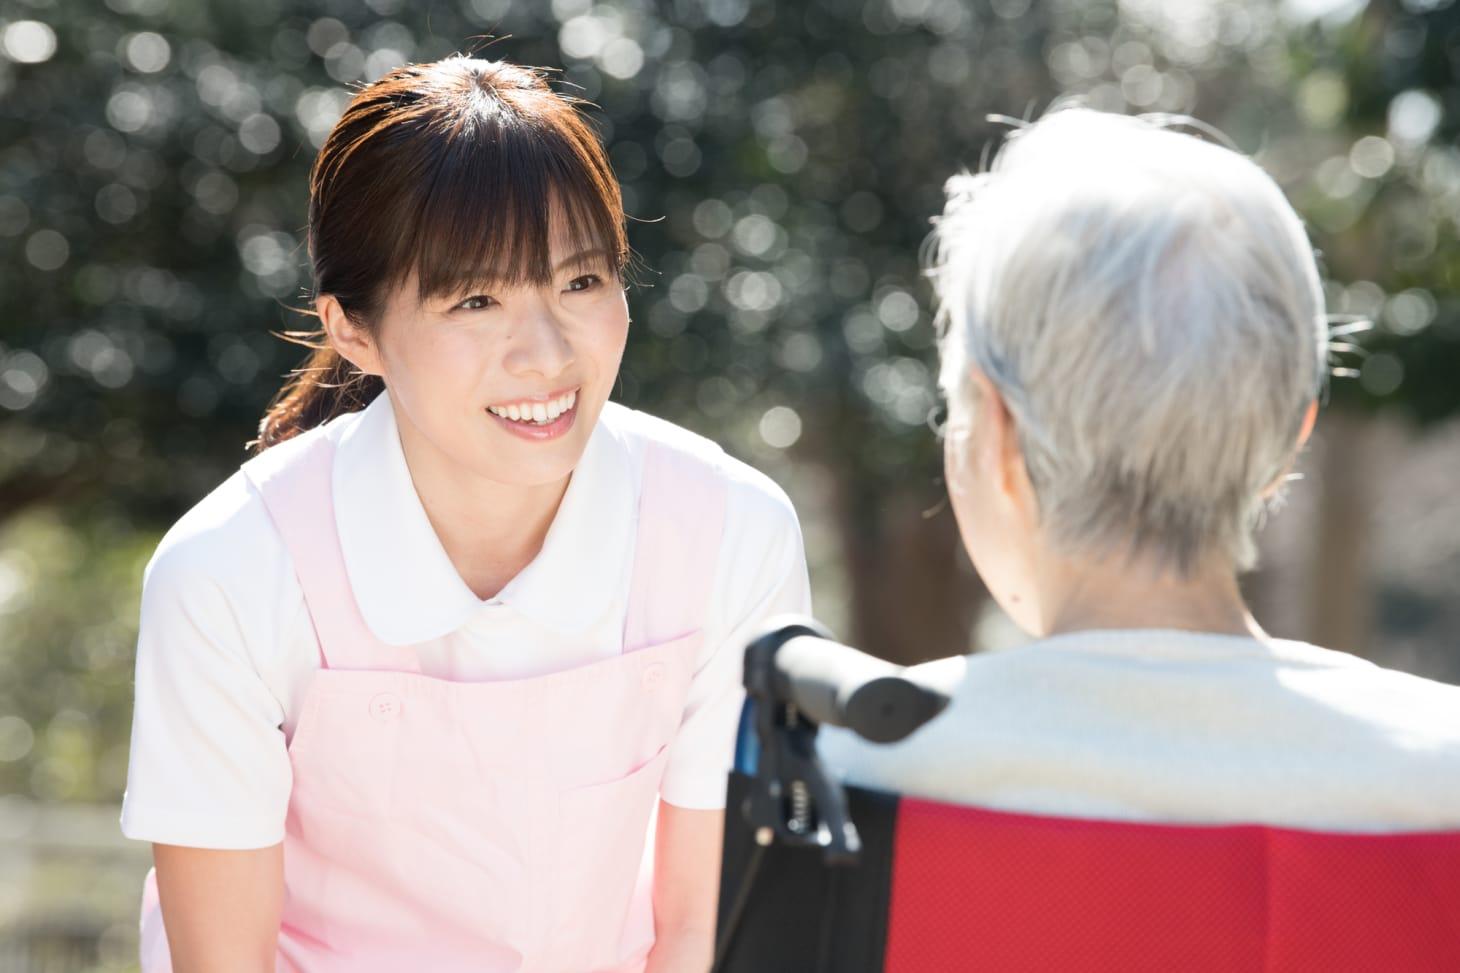 介護福祉士の資格取得に関する条件とは?